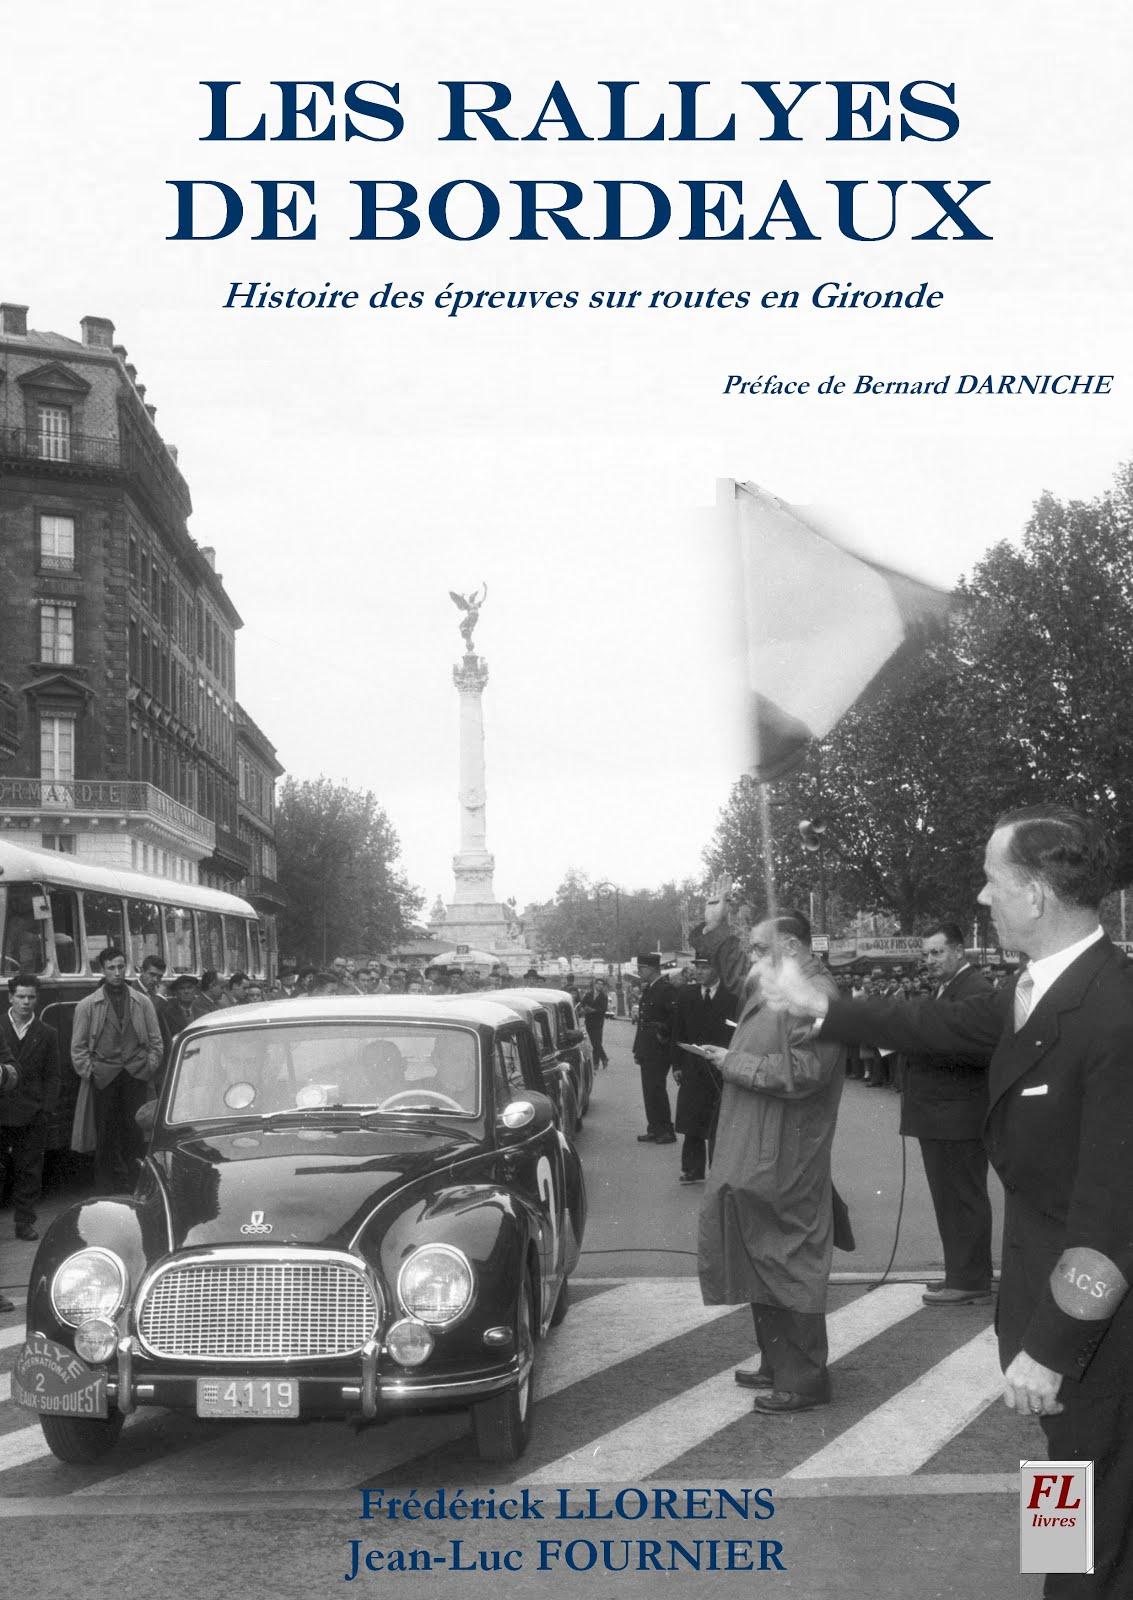 Les rallyes de Bordeaux